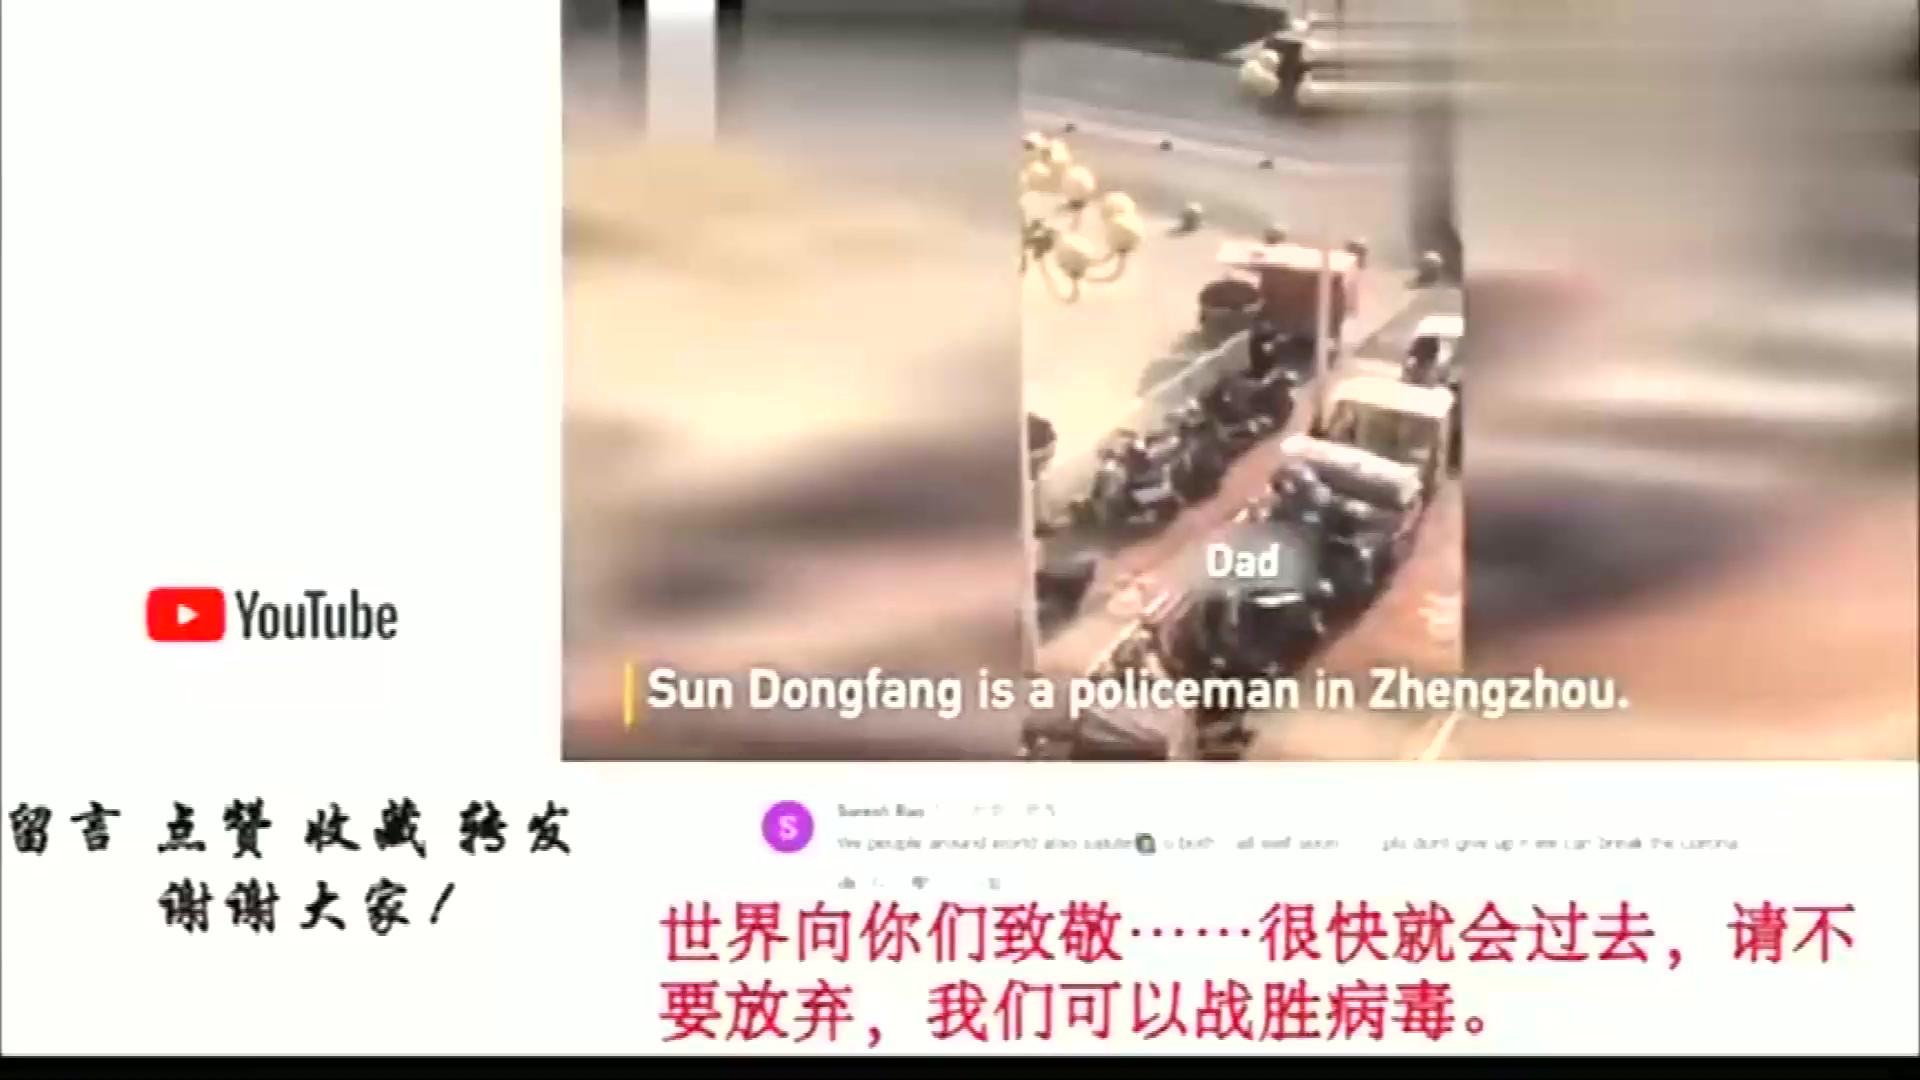 老外看中国:中国父子相互敬礼,感动了许多外国网友:中国人的精神,克服一切困难